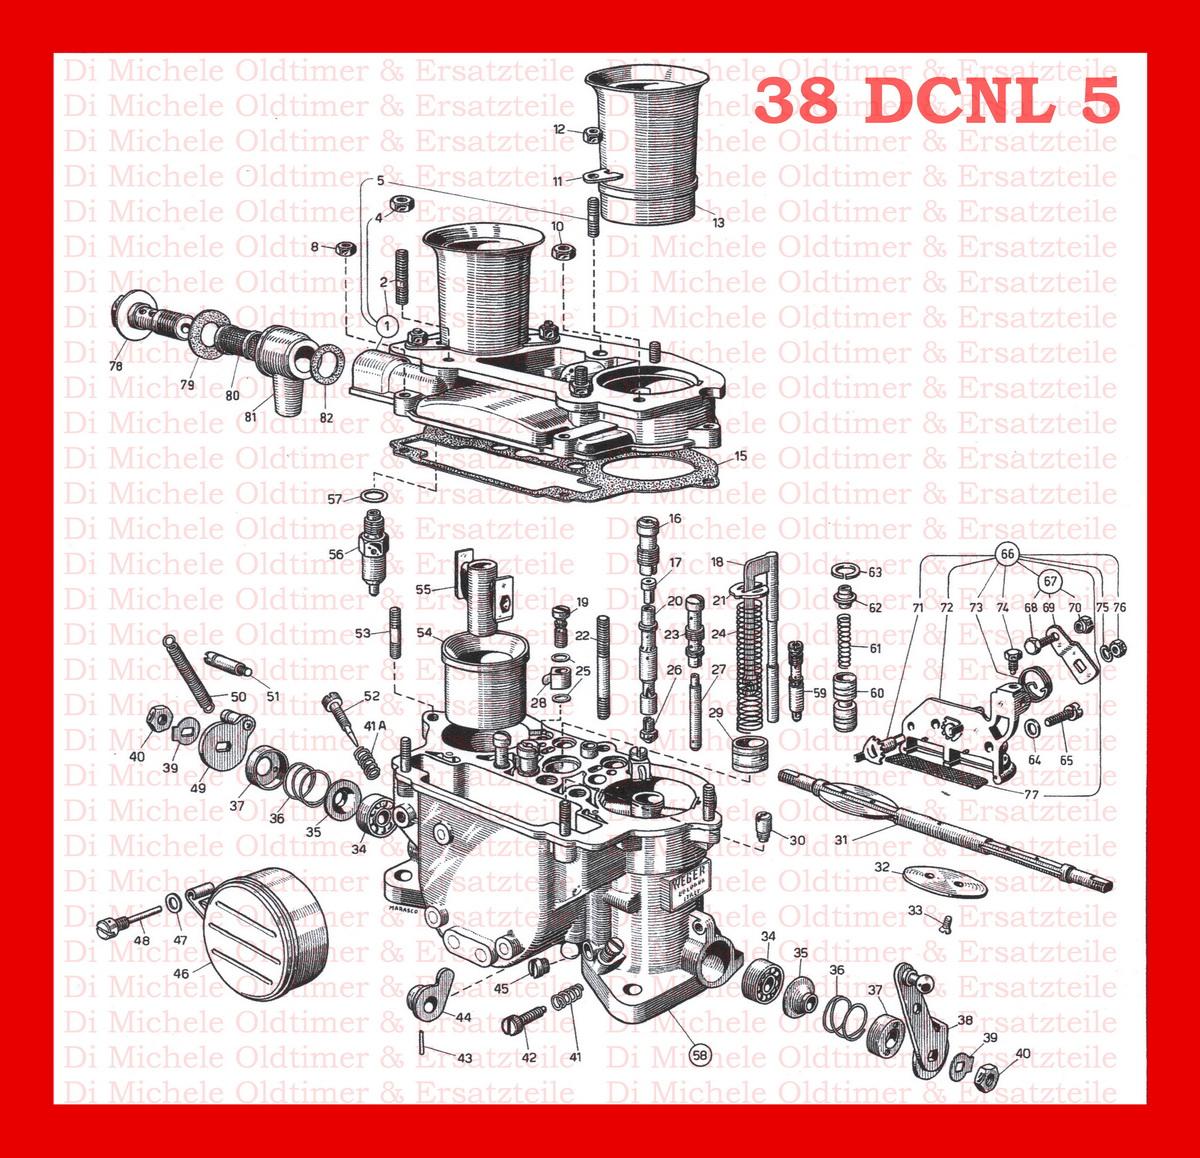 38 DCNLhome